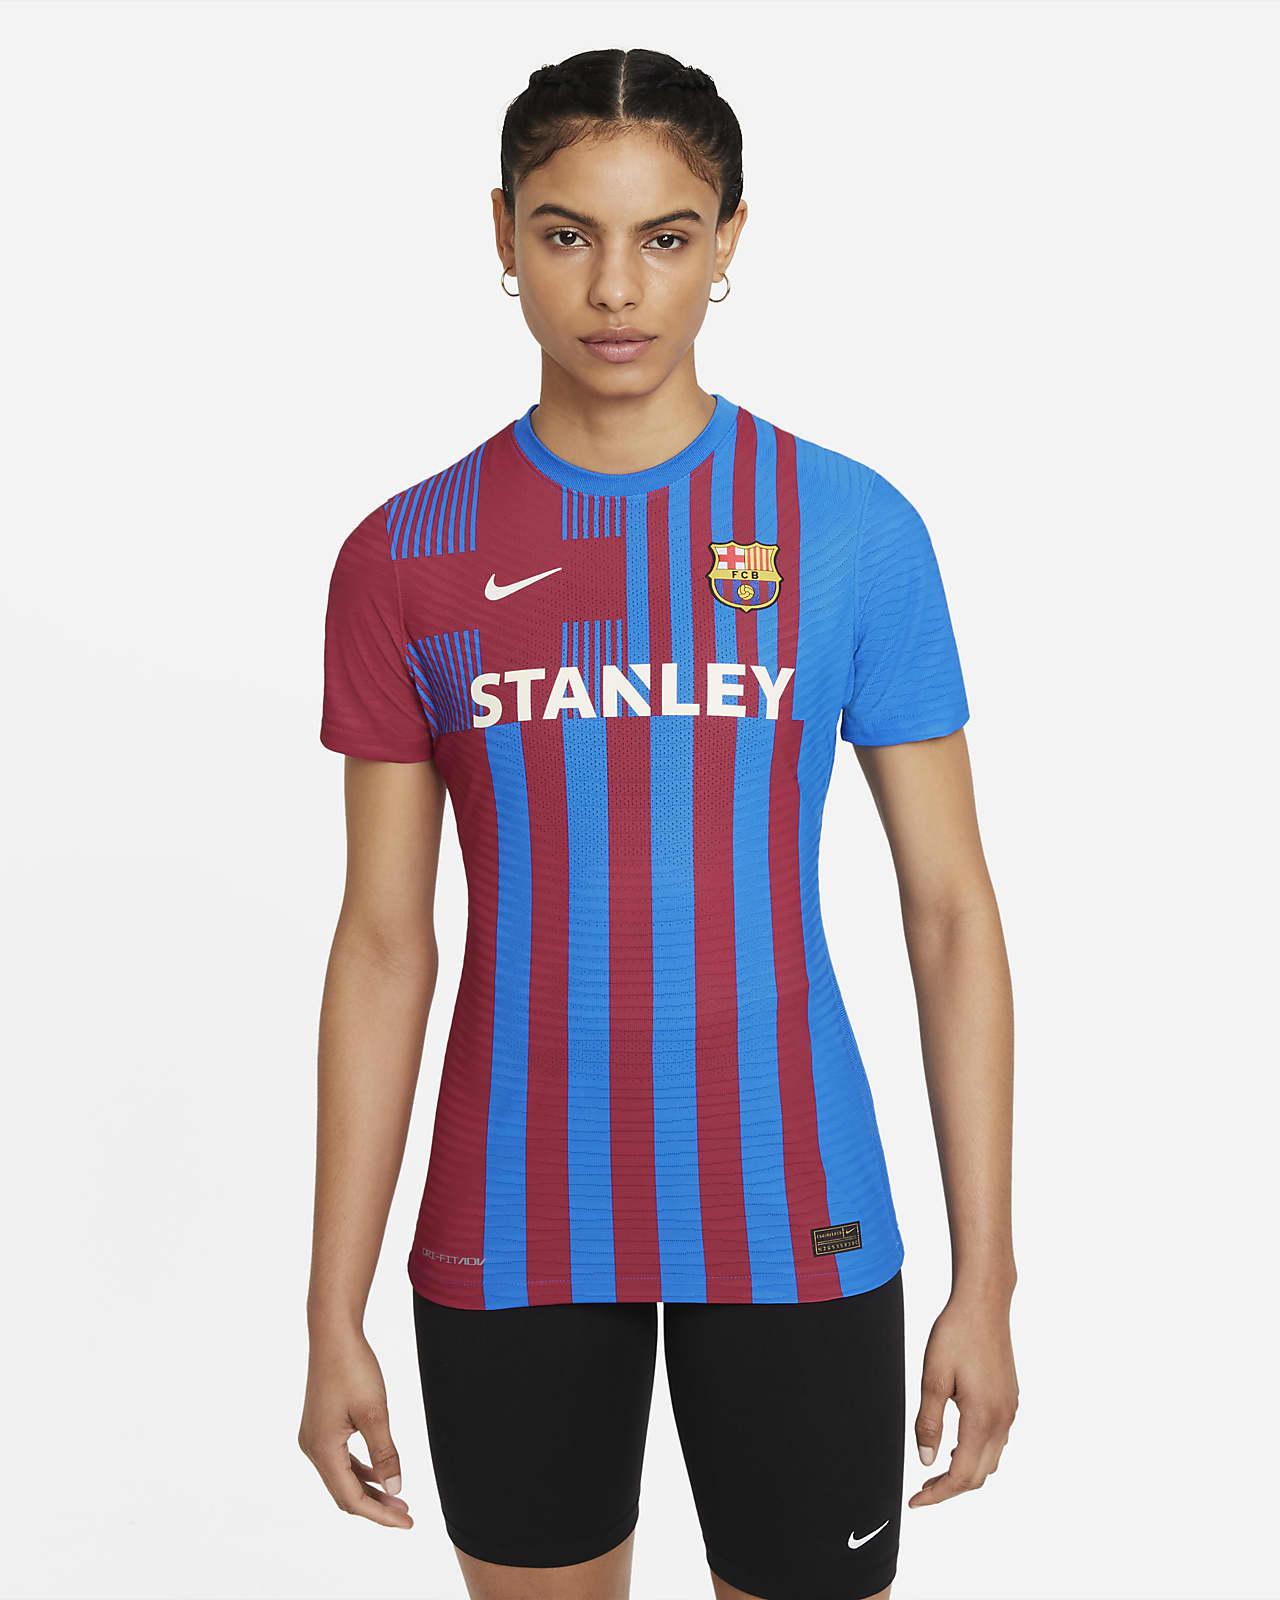 Maglia da calcio Nike Dri-FIT ADV F.C. Barcelona 2021/22 Match da donna - Home